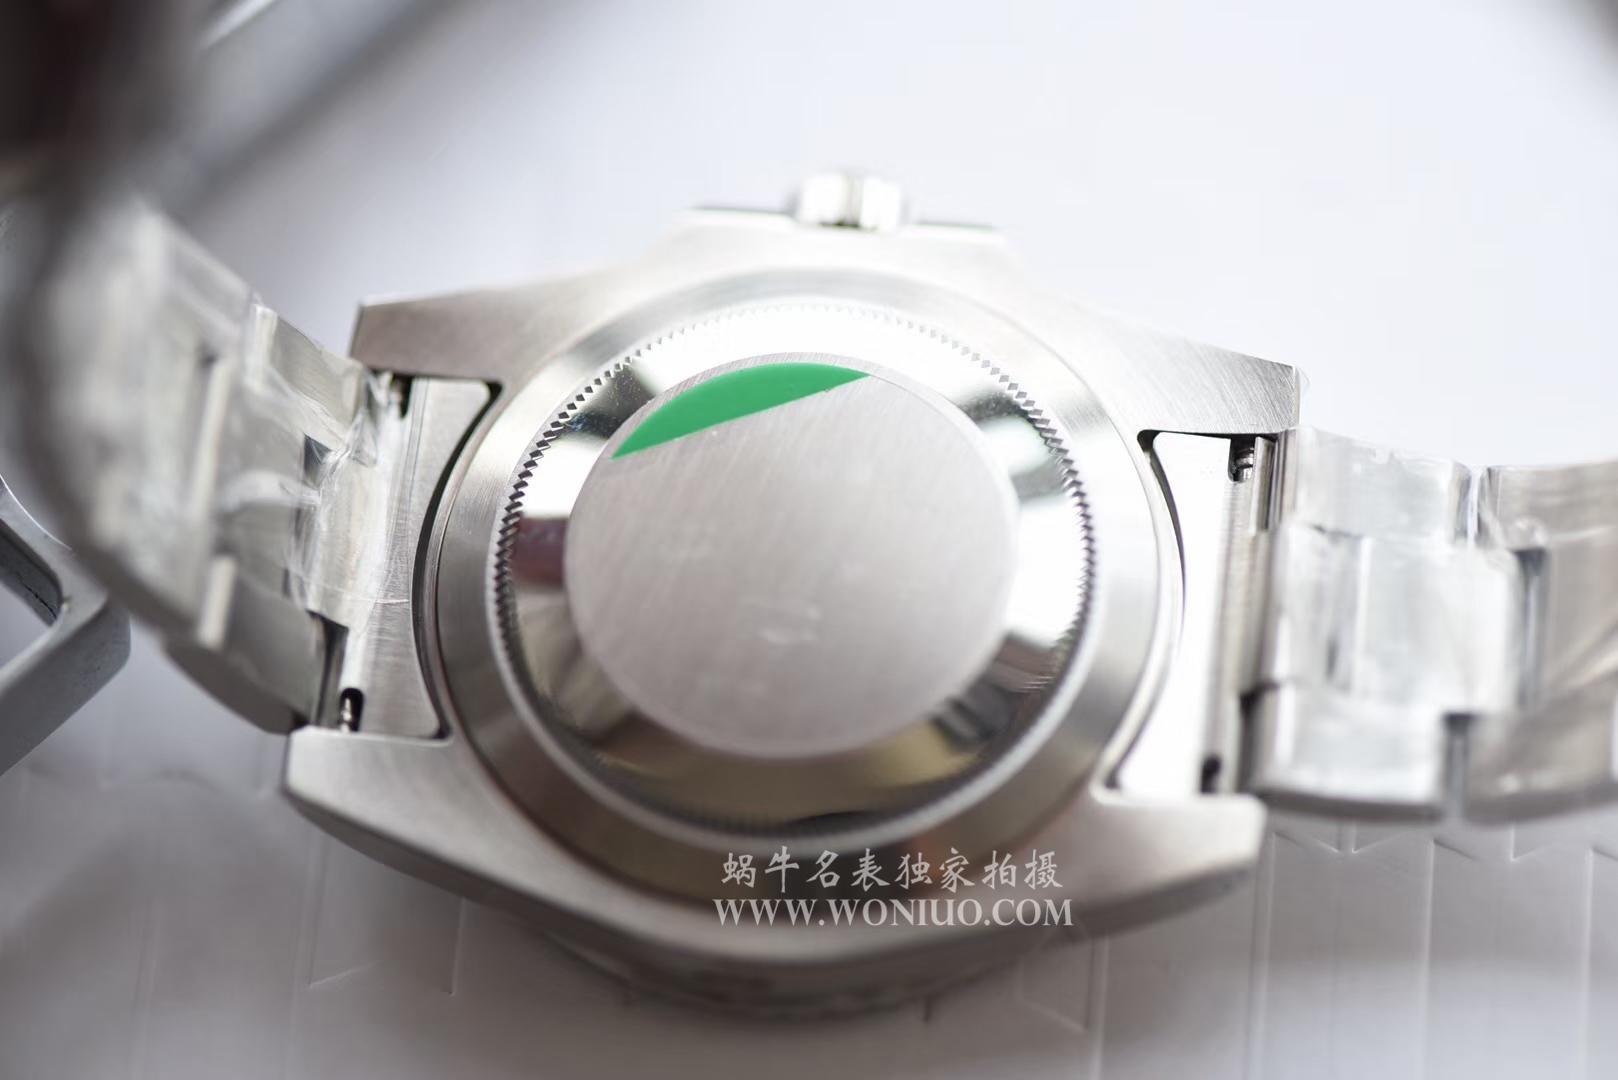 【N厂精品V7版】劳力士潜航者型系列114060-97200 黑盘腕表《无历黑水鬼》